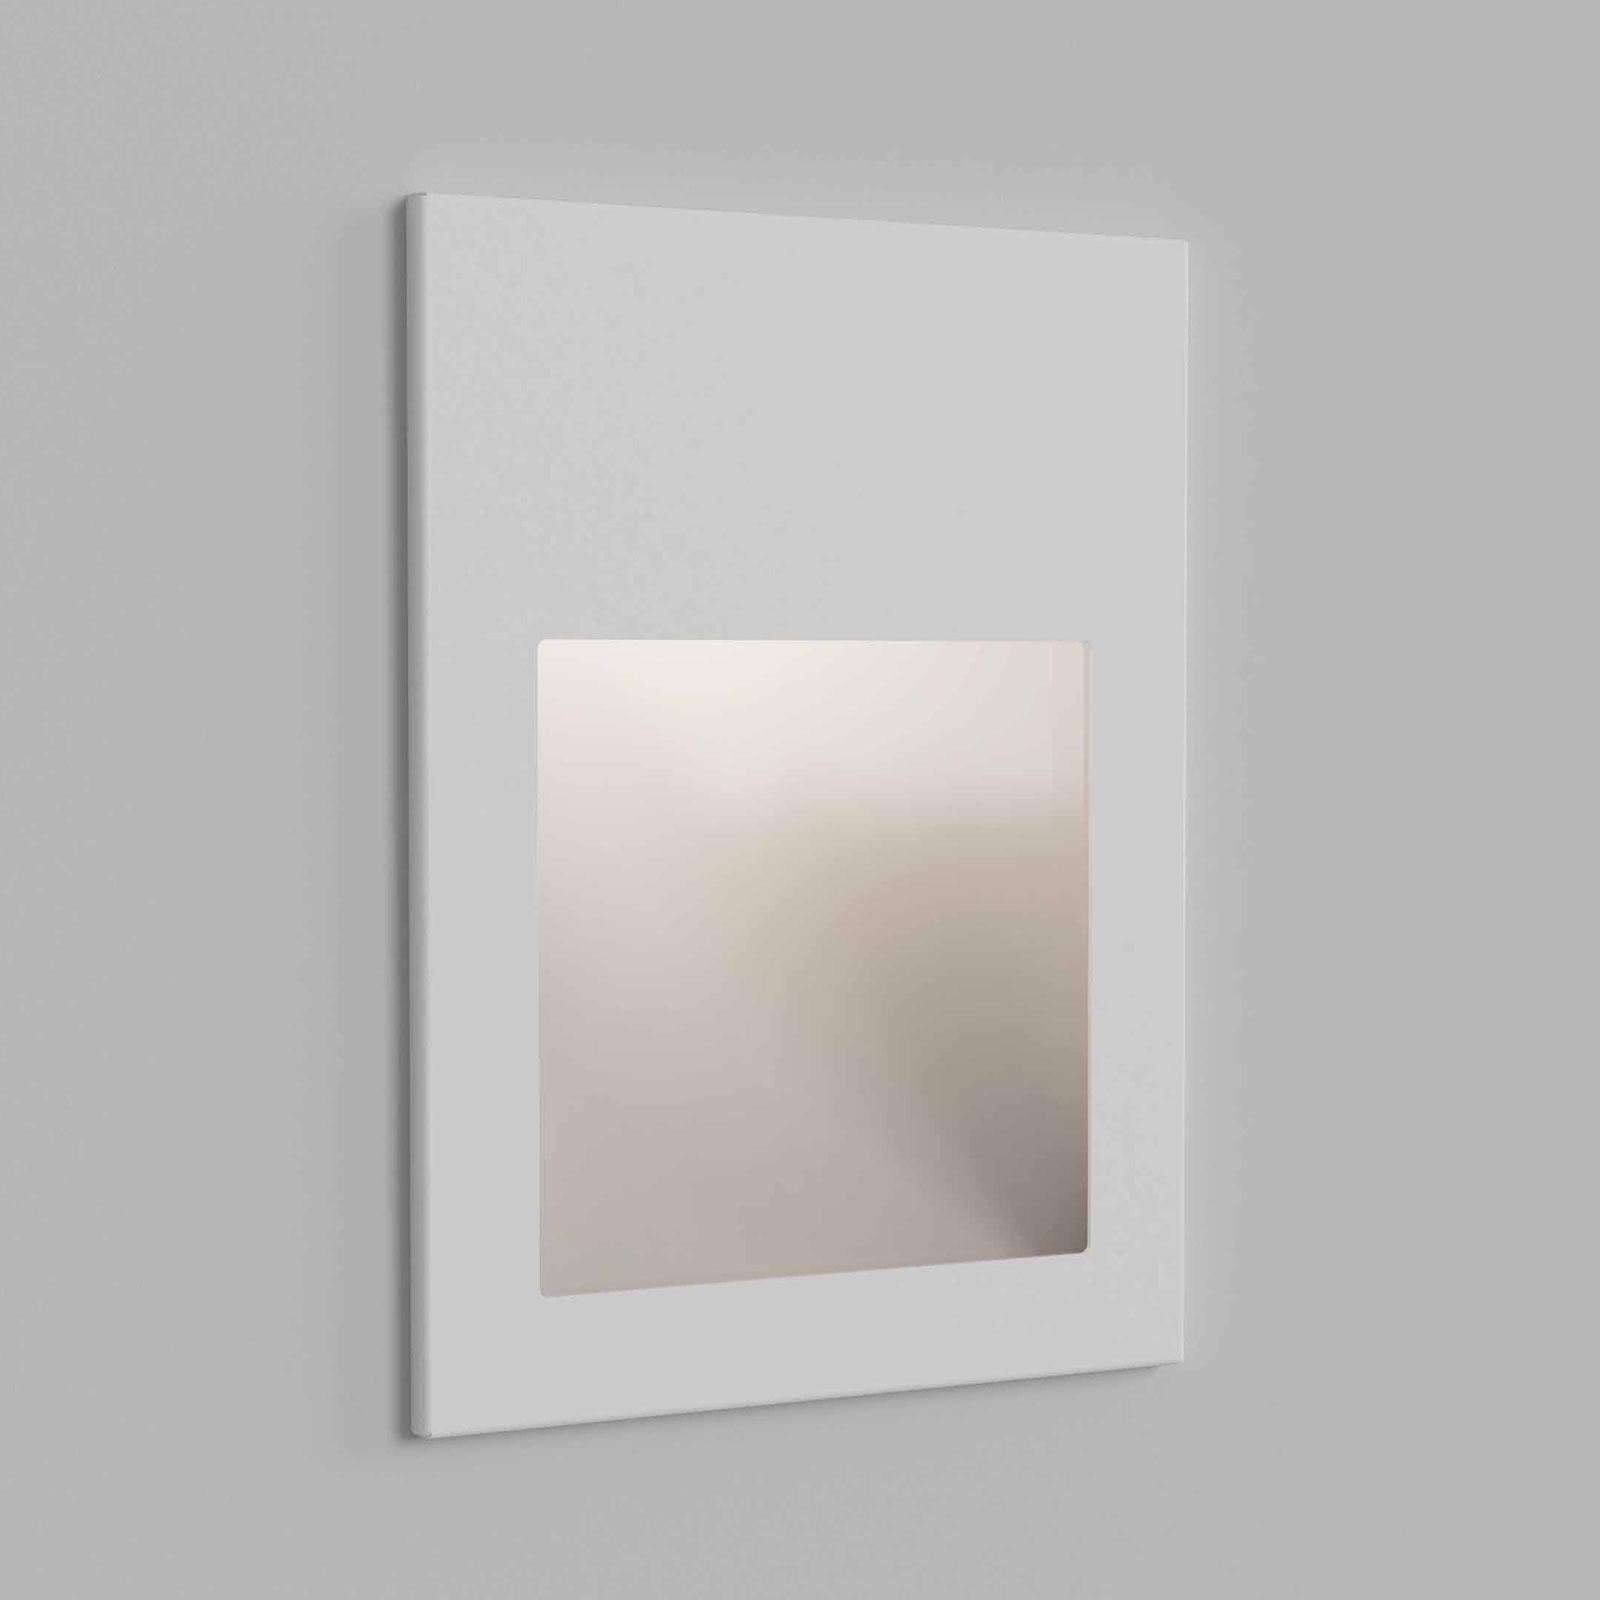 Astro Borgo 90 nástěnné zapuštěné, bílá textura